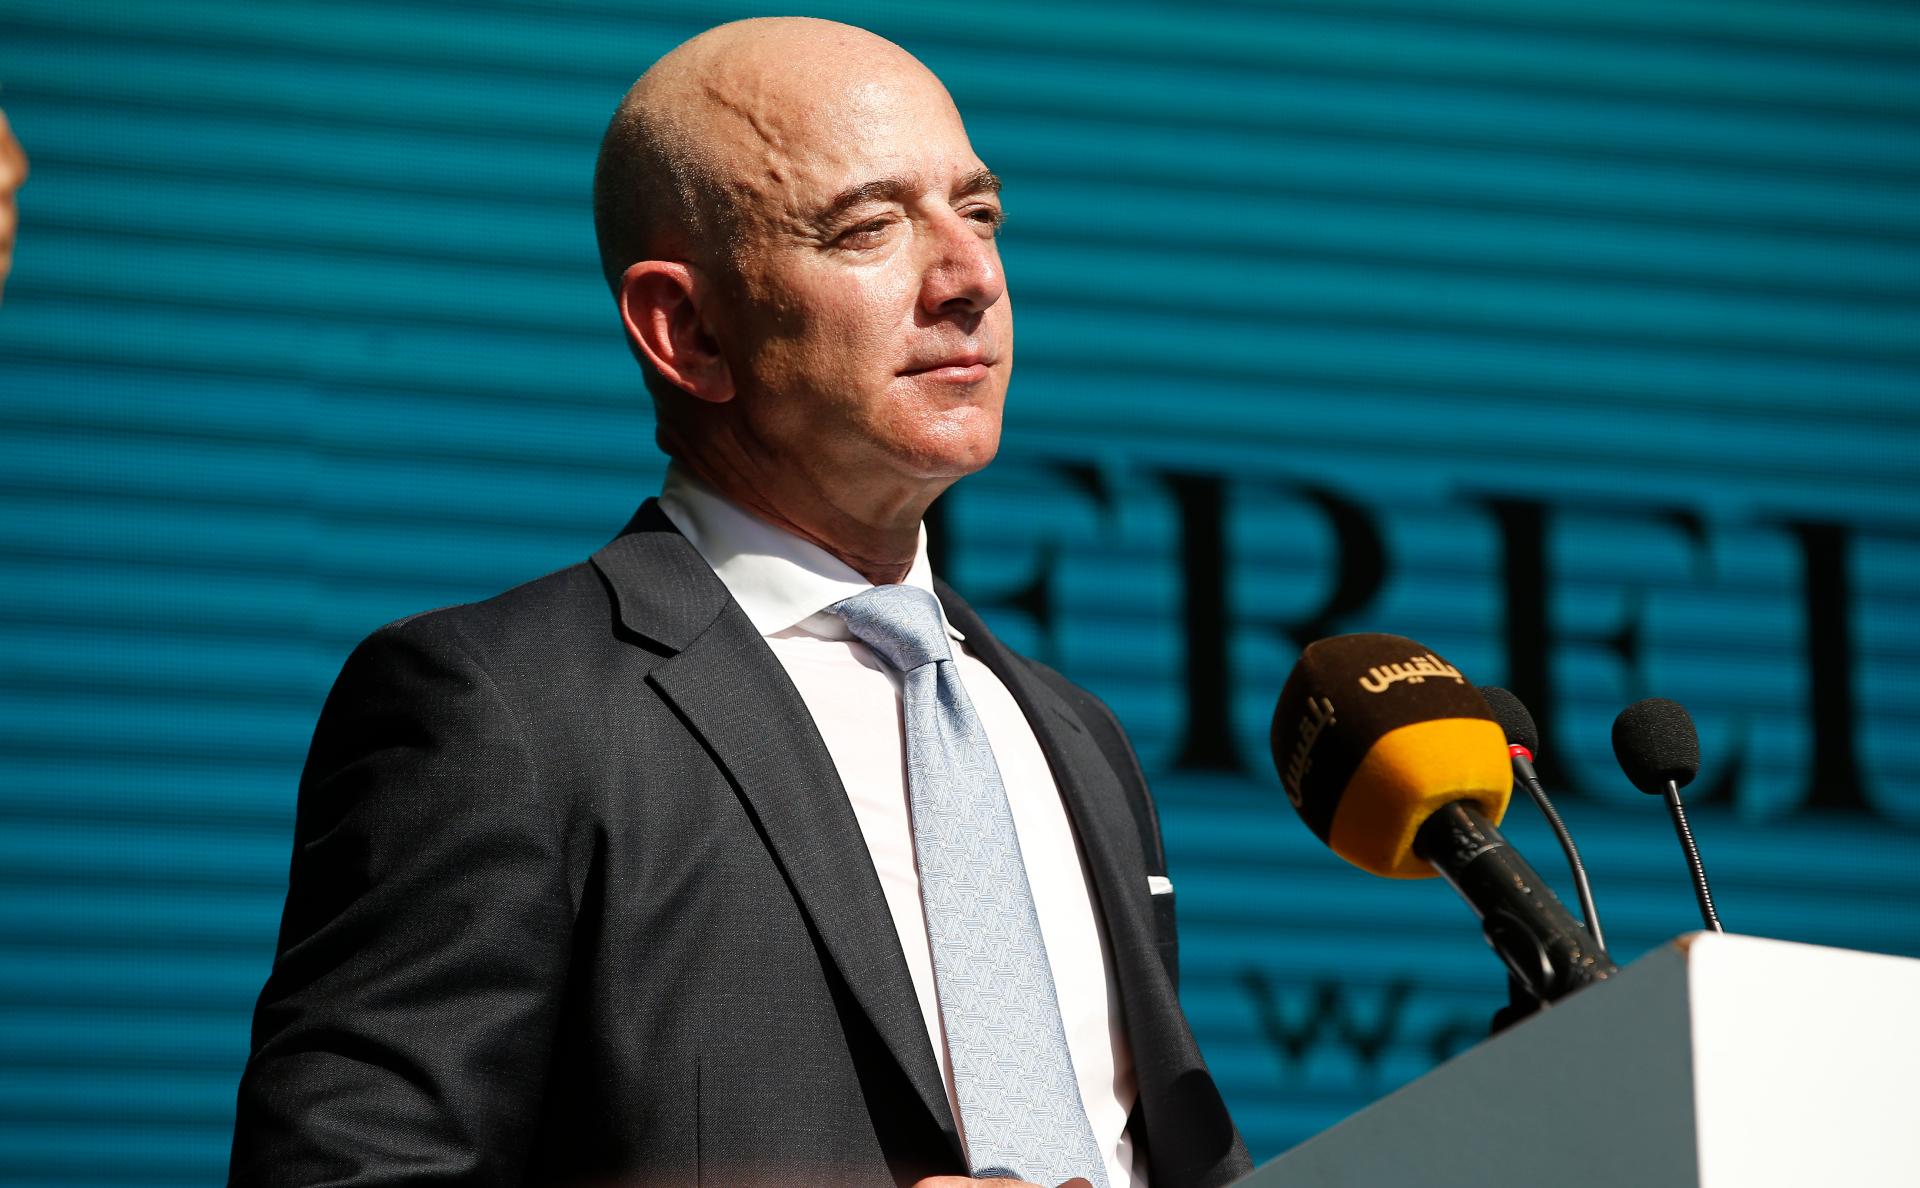 Засновник Amazon Безос пожертвував $791 млн на захист навколишнього середовища